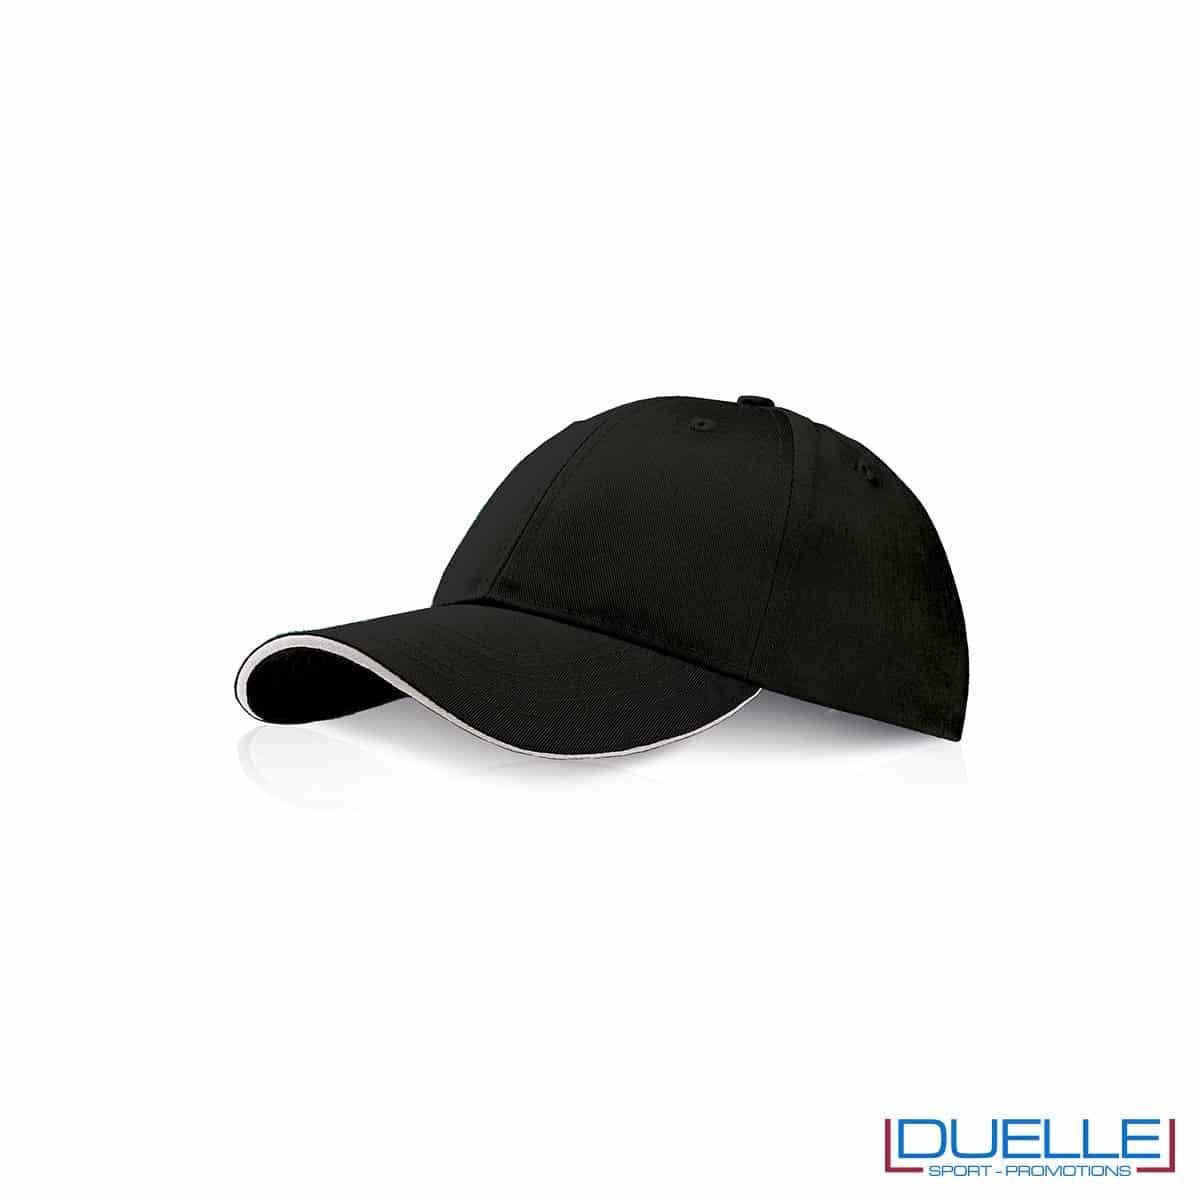 Cappellino personalizzato con visiera a sandwich nero, cappellini promozionali nero